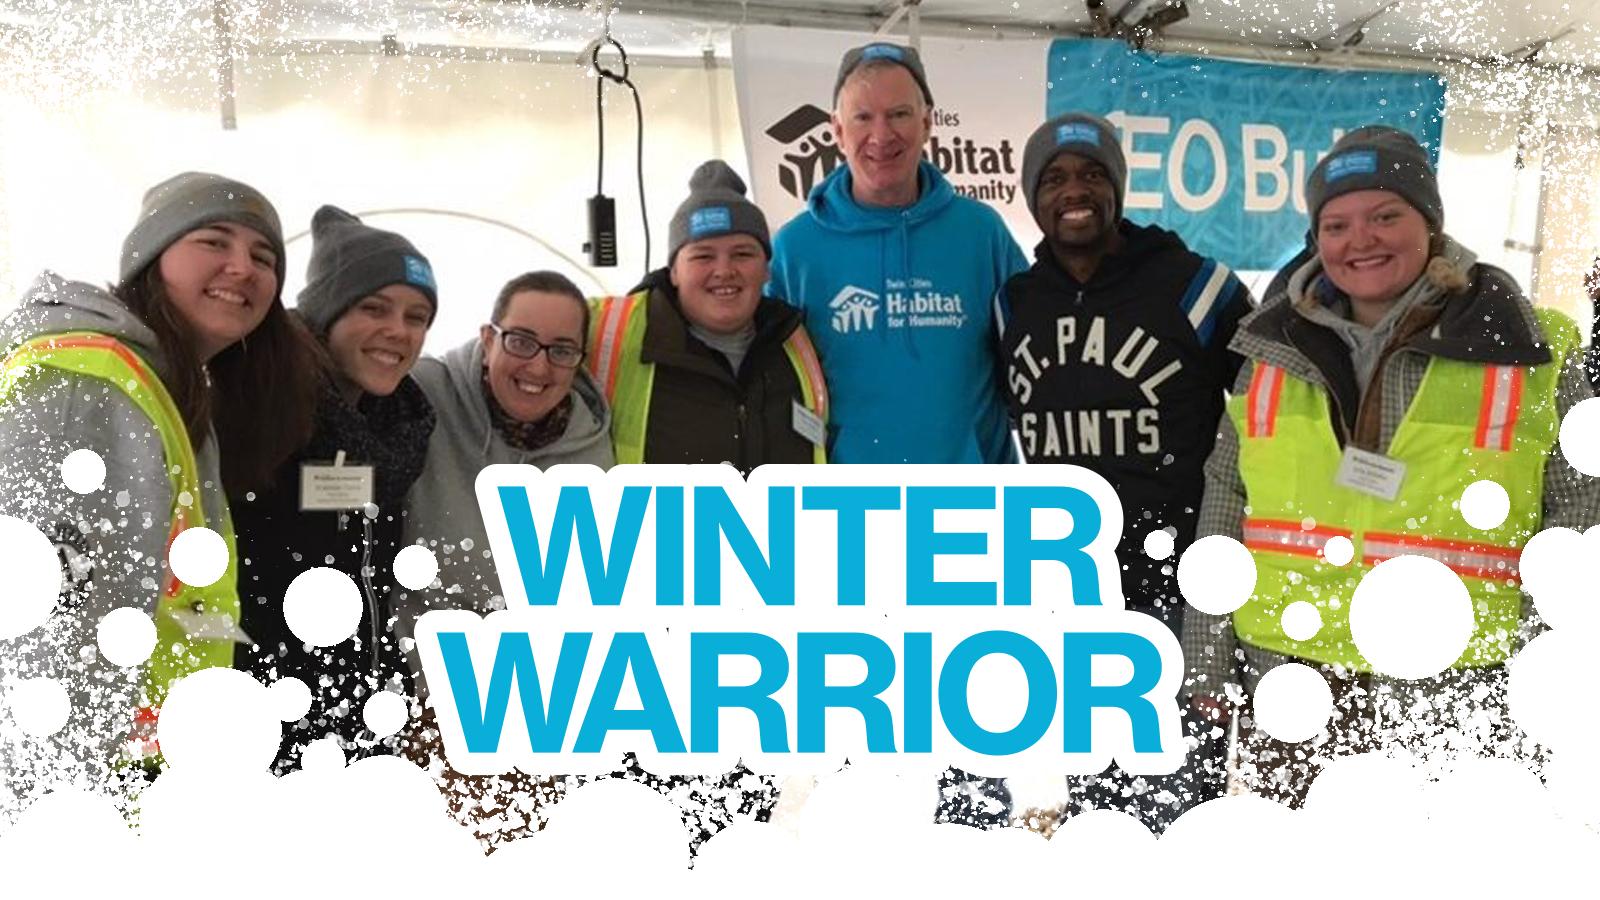 winter warrior group